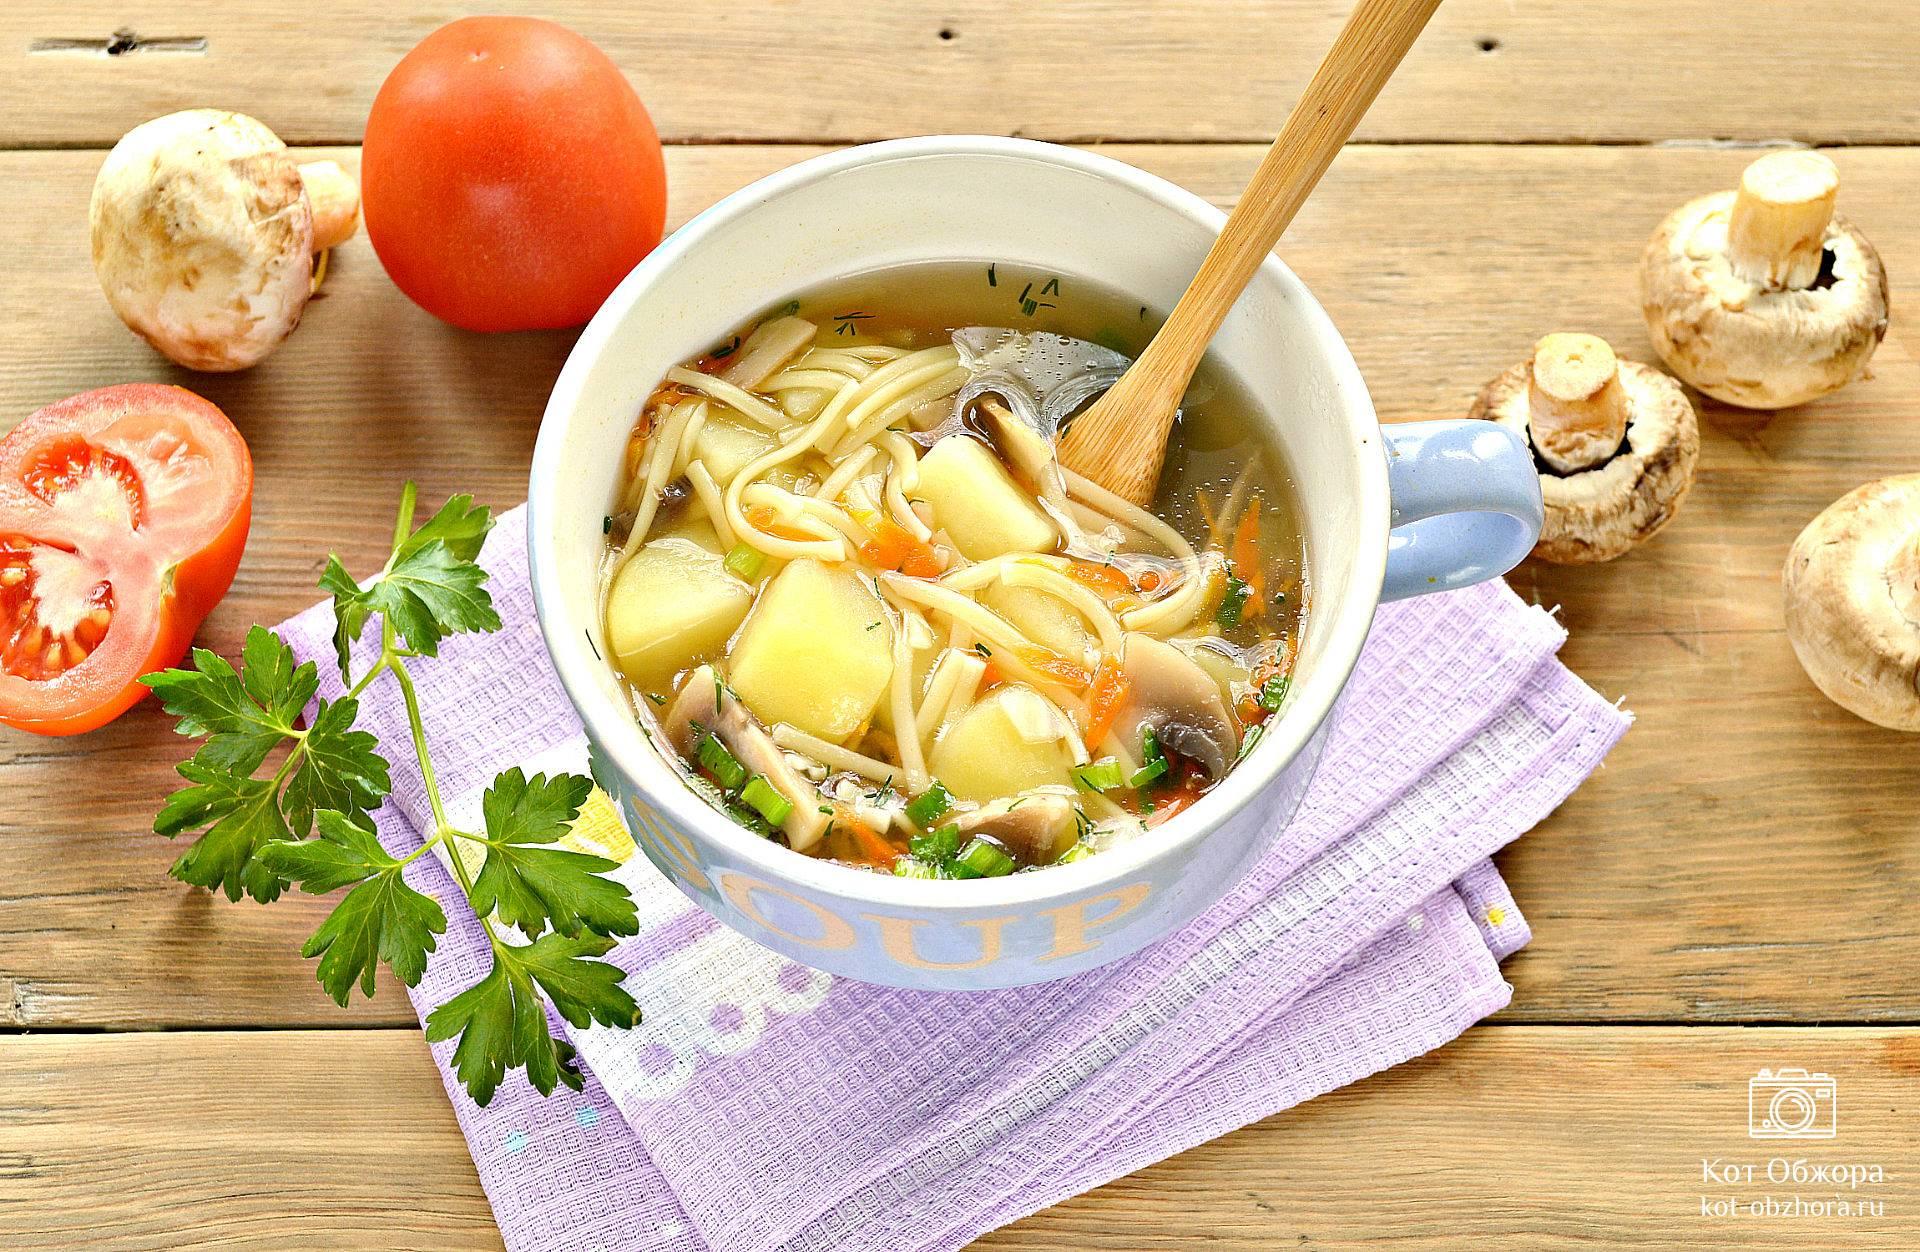 суп с грибами на свином бульоне